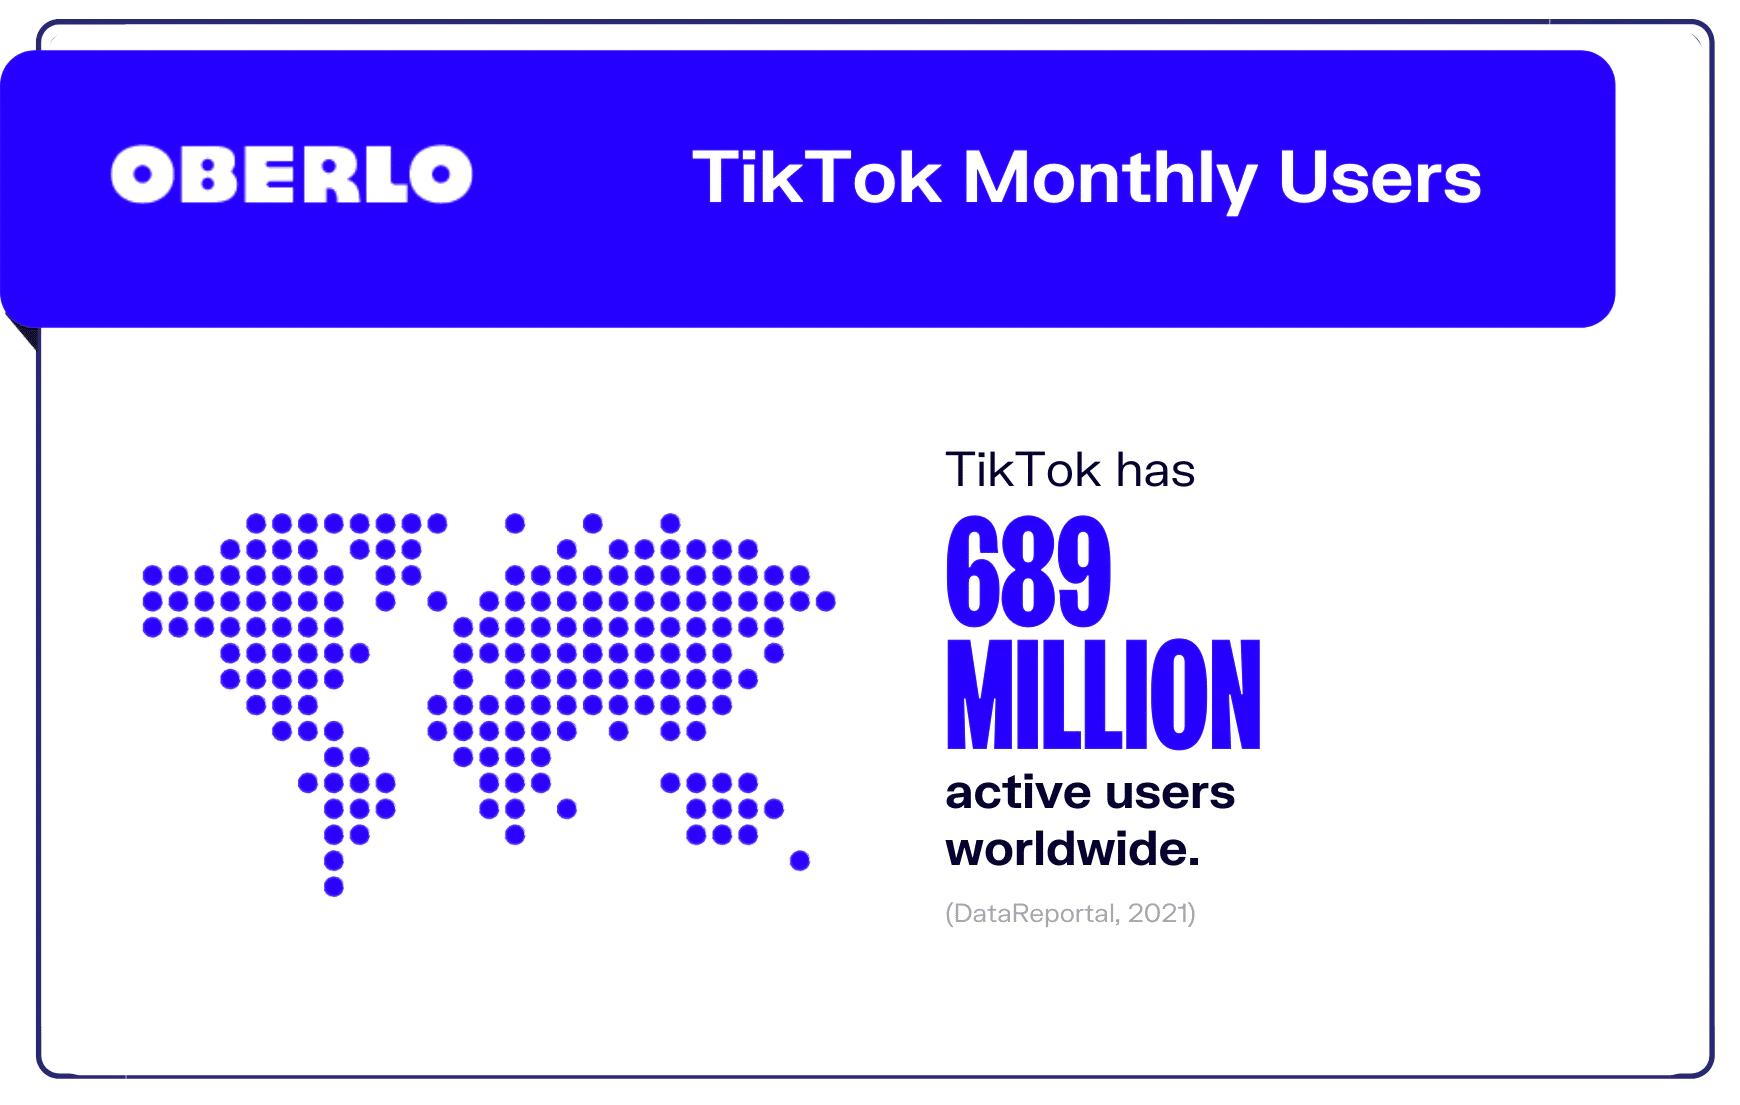 عدد مستخدمي تطبيق تيك توك